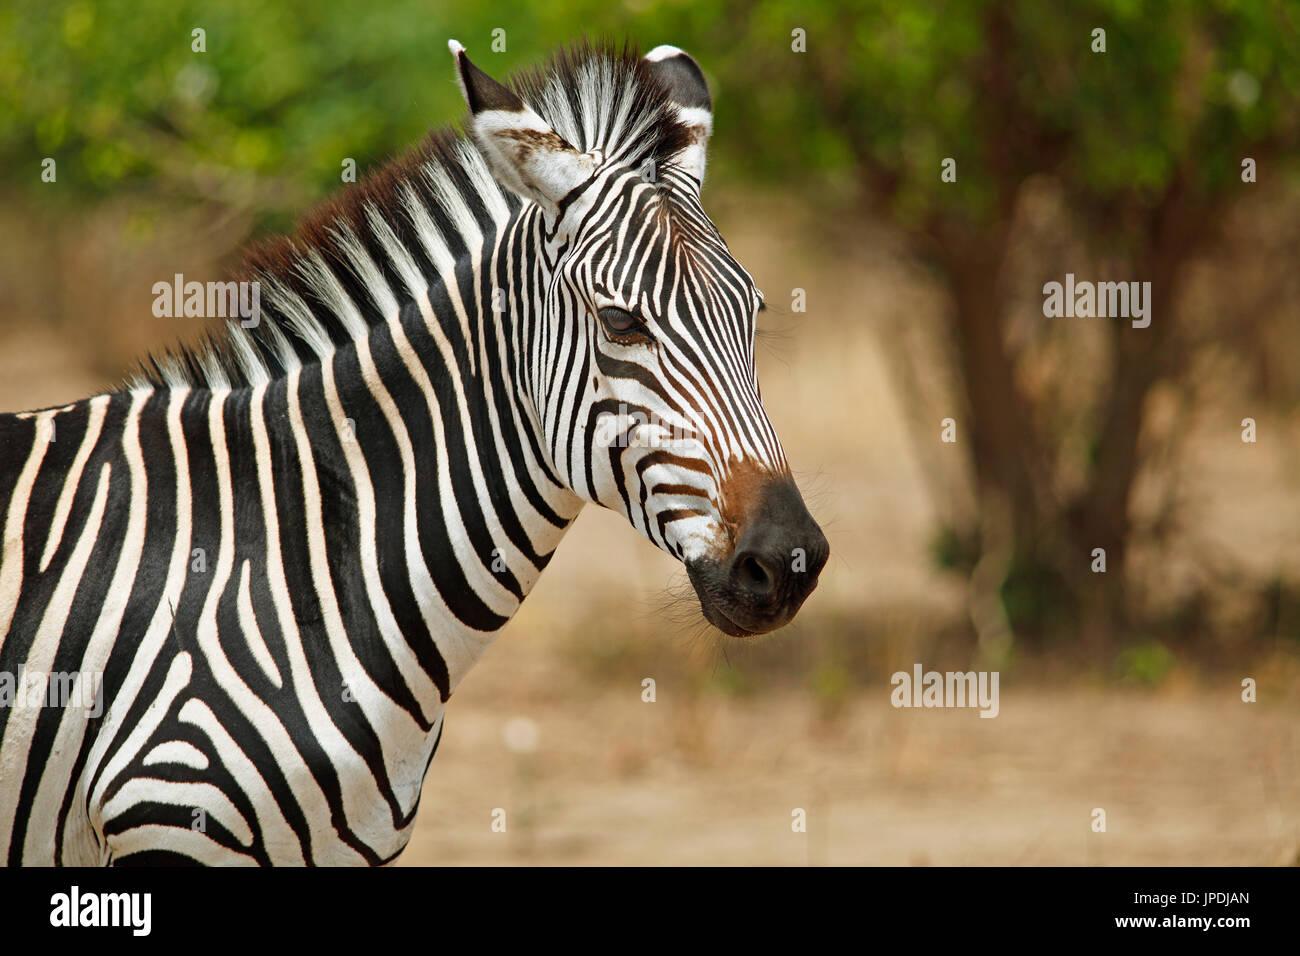 Zèbre des plaines (Equus quagga), animal portrait, South Luangwa National Park, Zambie Photo Stock